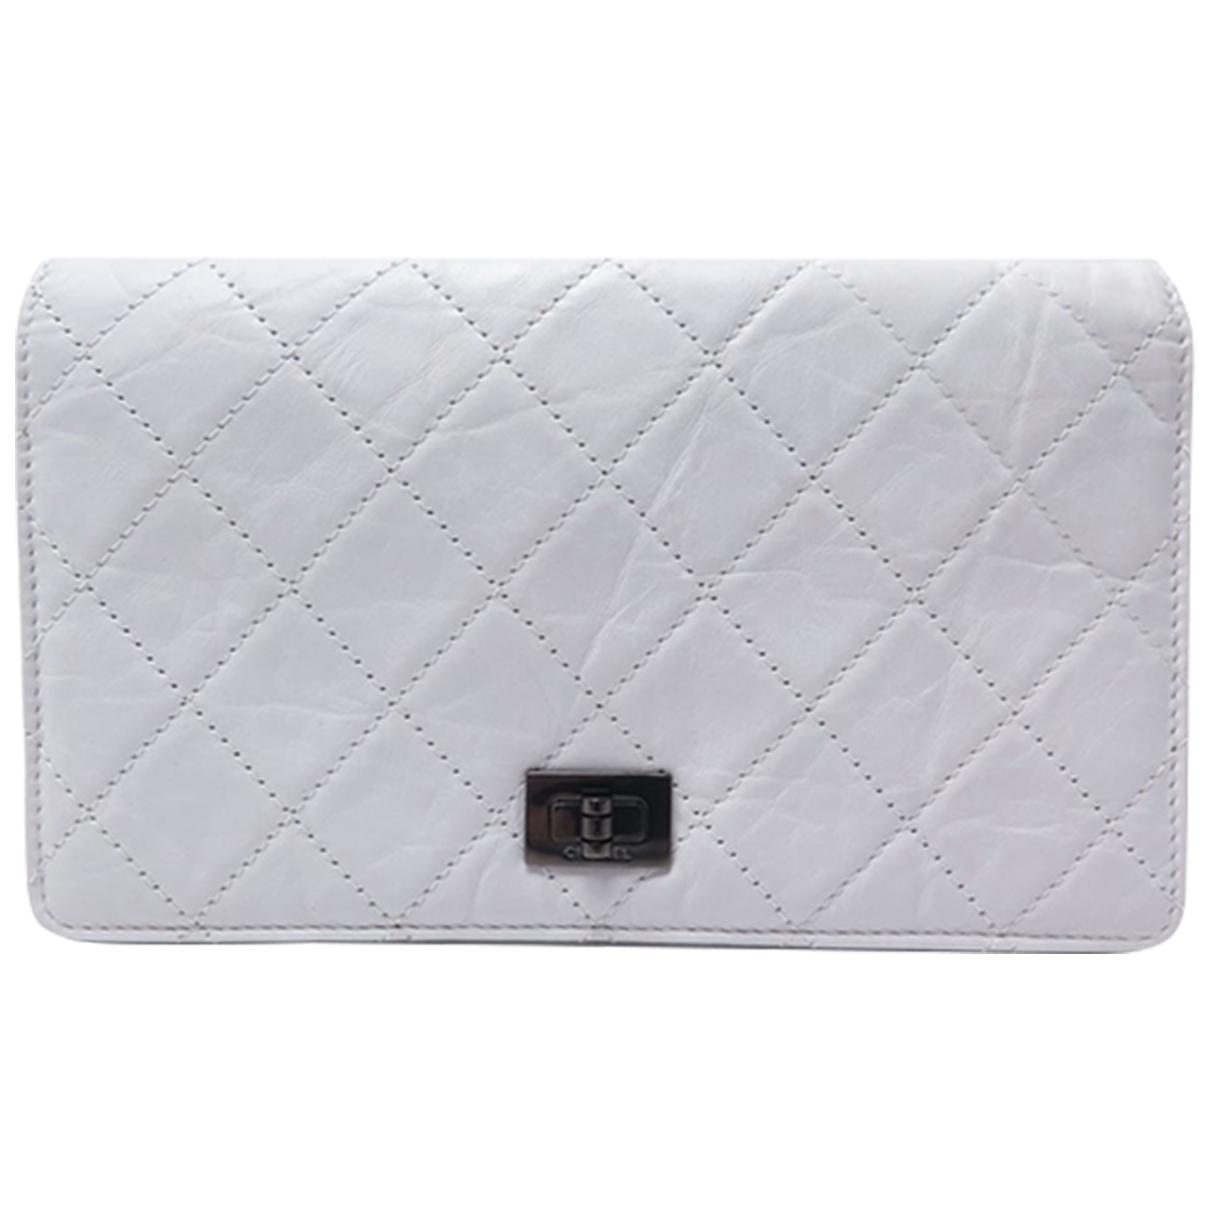 Chanel - Portefeuille 2.55 pour femme en cuir - gris